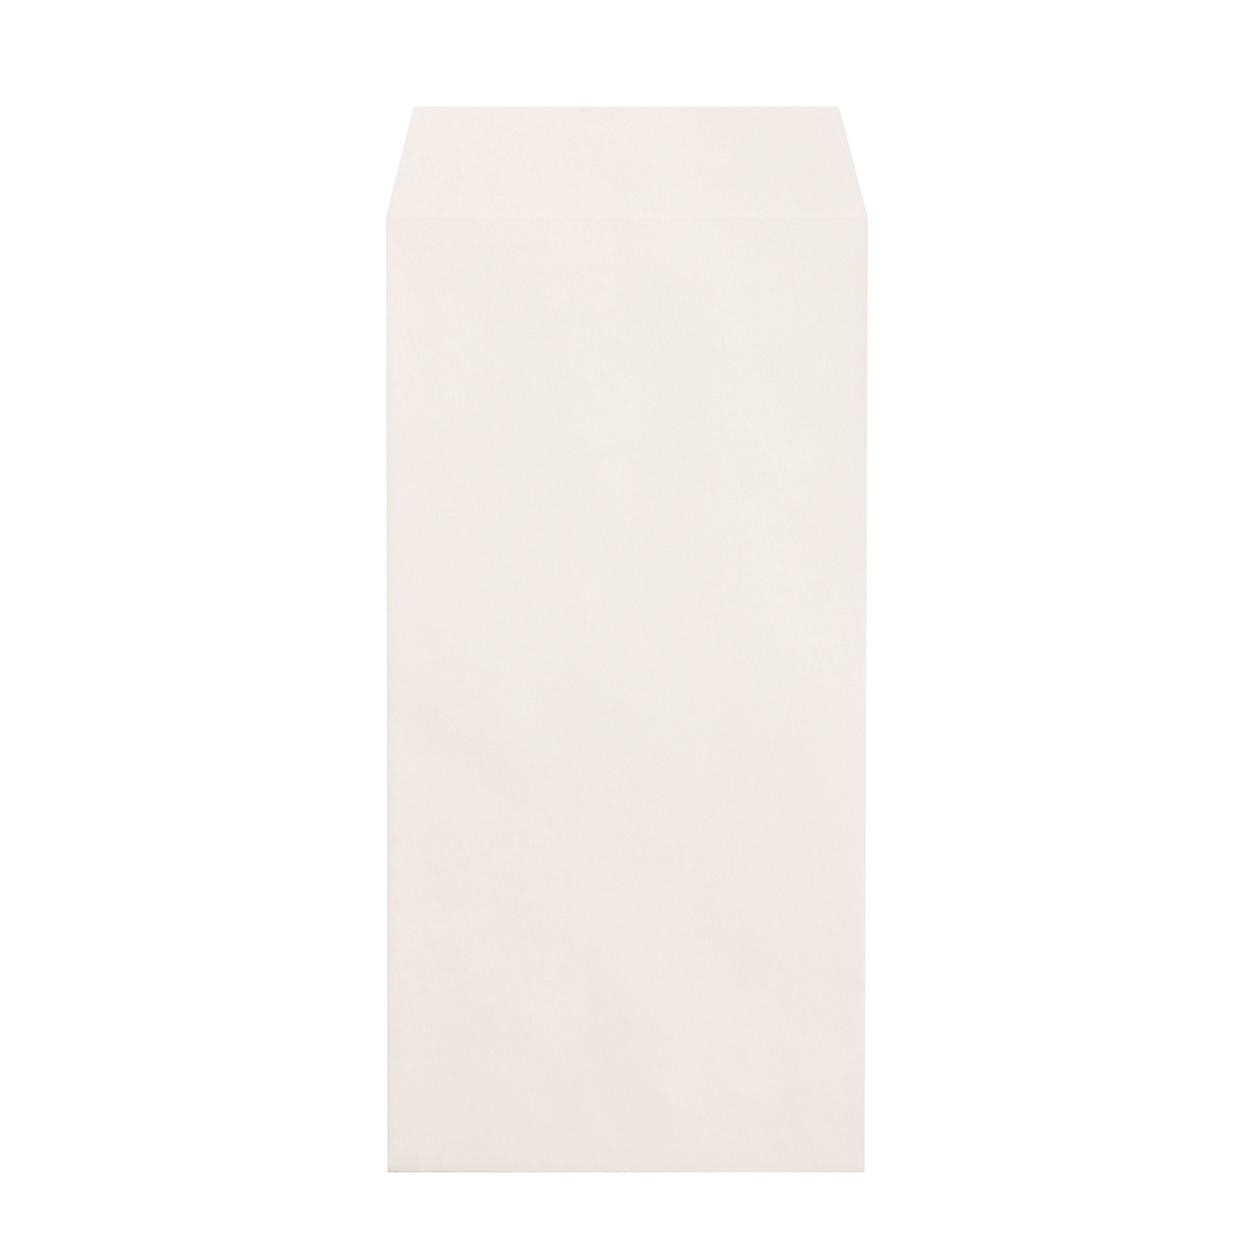 長3封筒 ハーフカラー99 ホワイト 81.4g